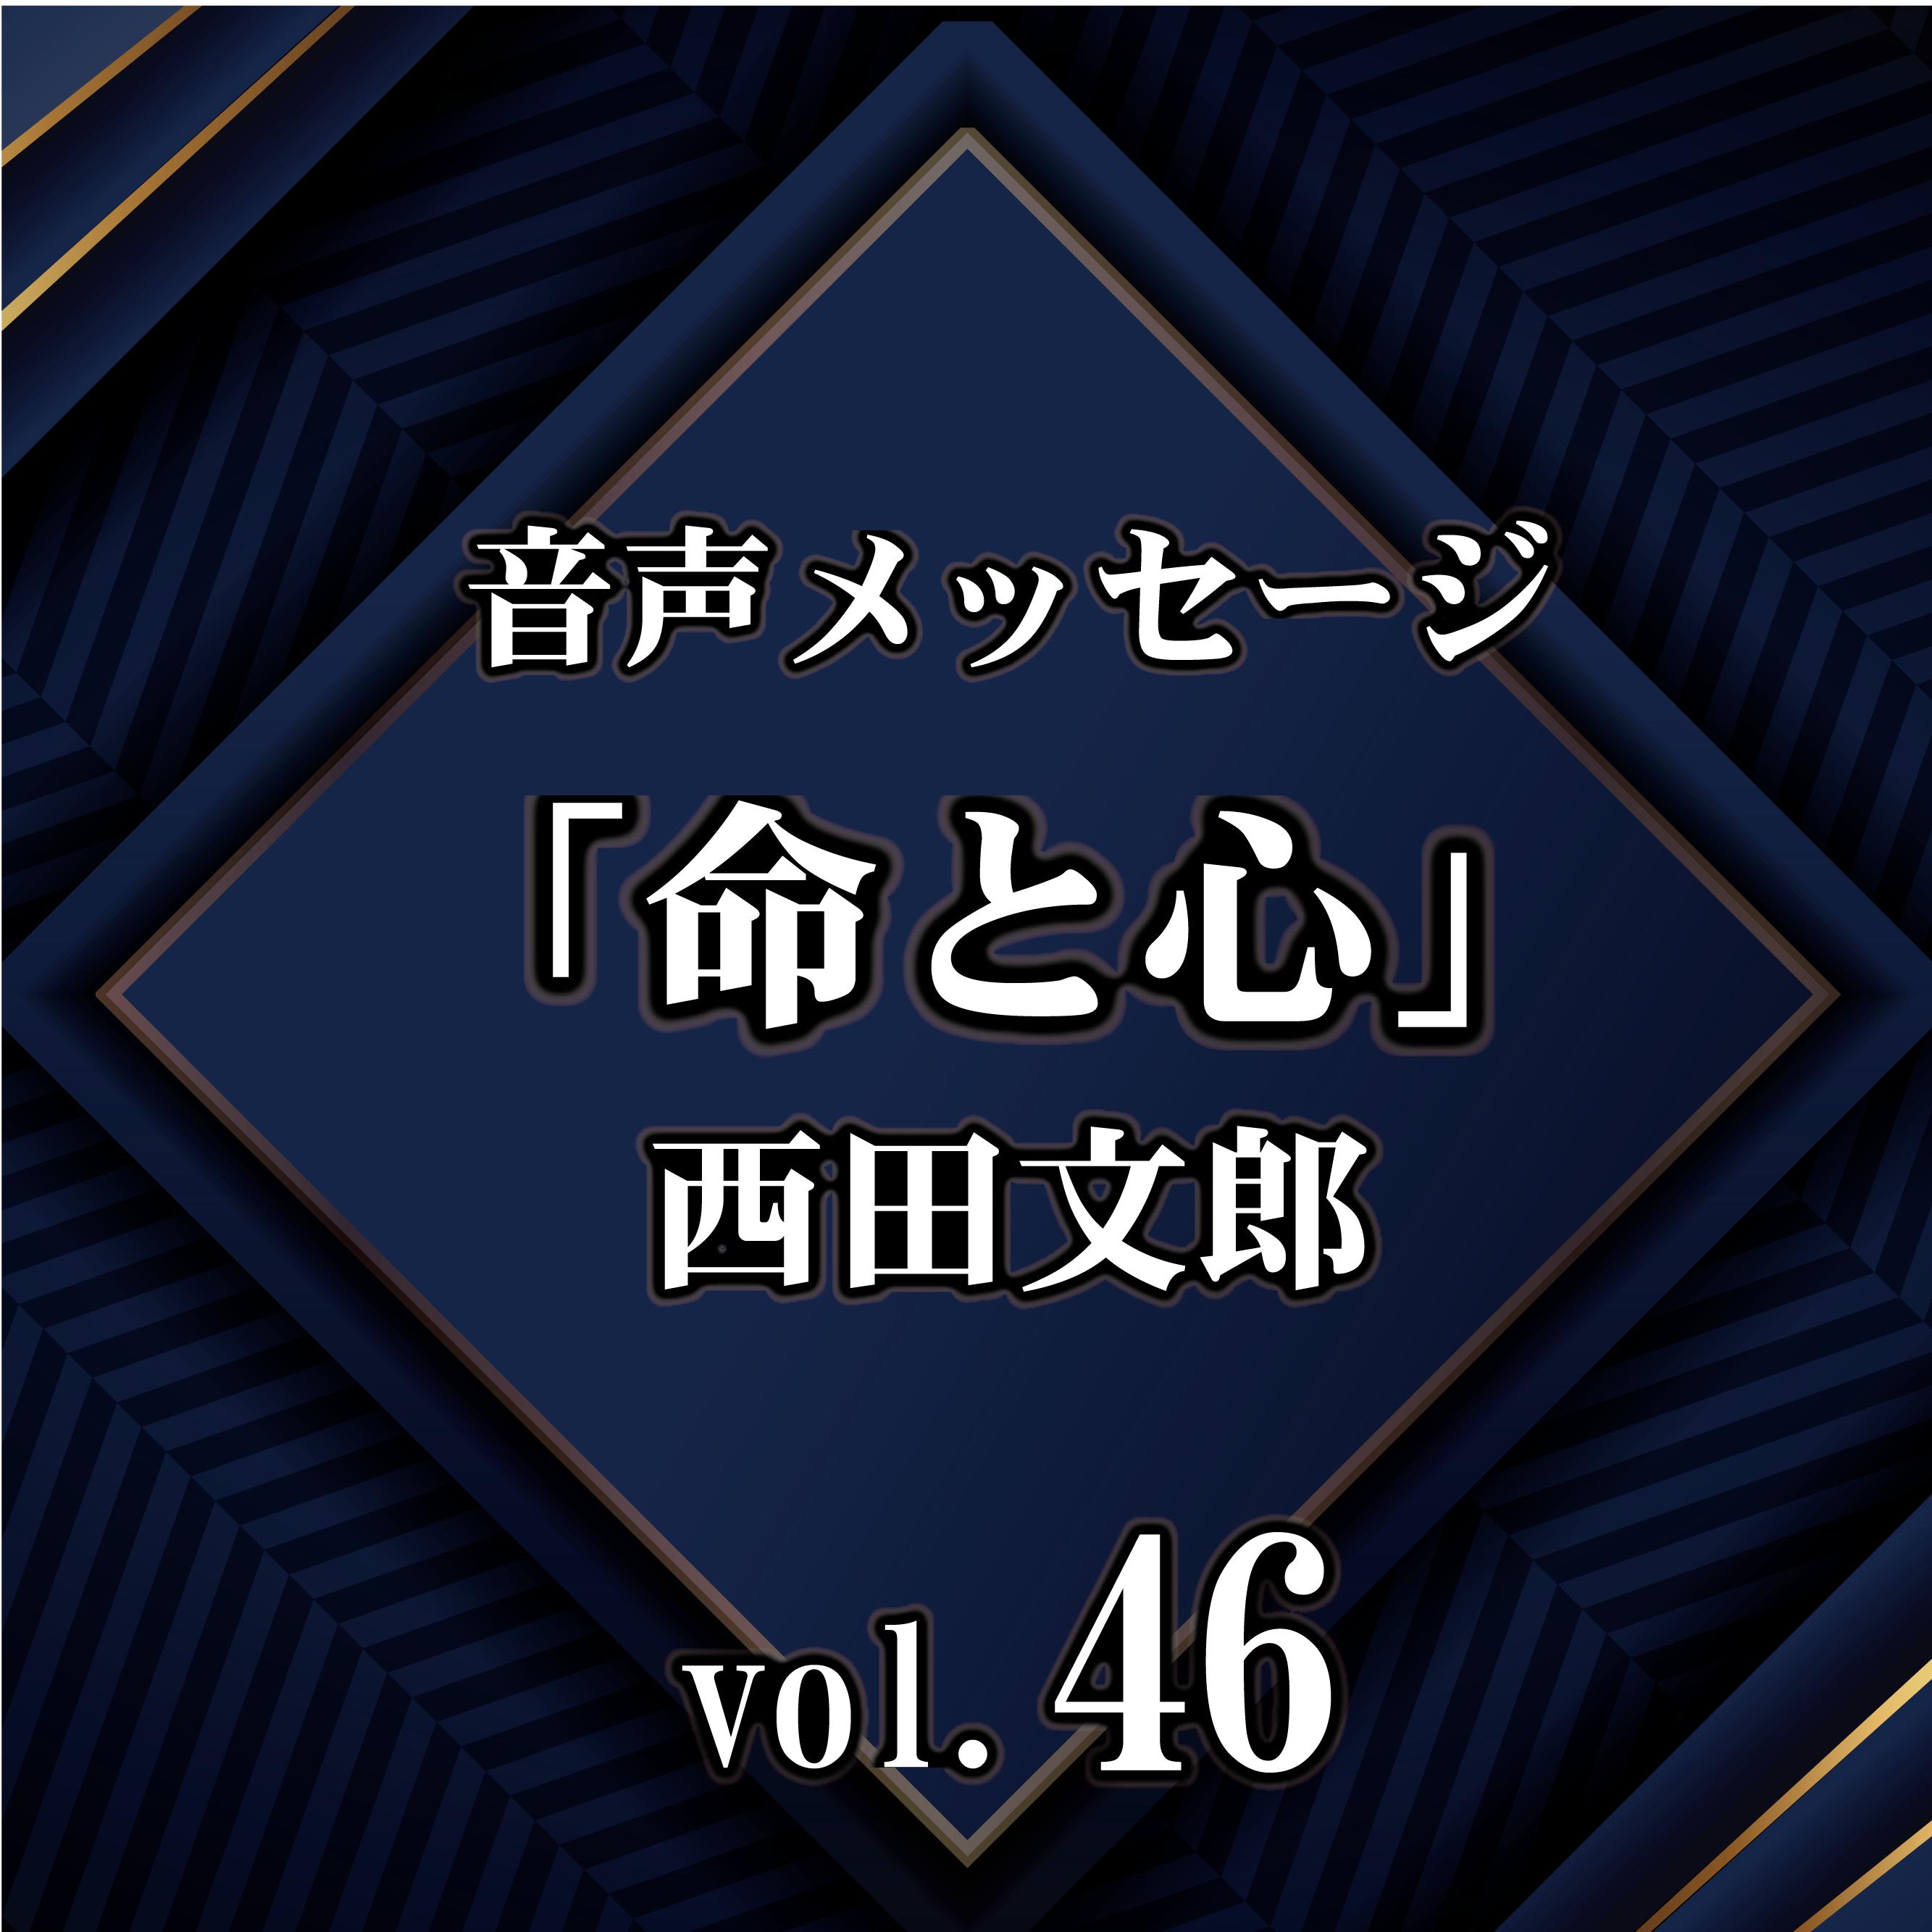 西田文郎 音声メッセージvol.46『命と心』